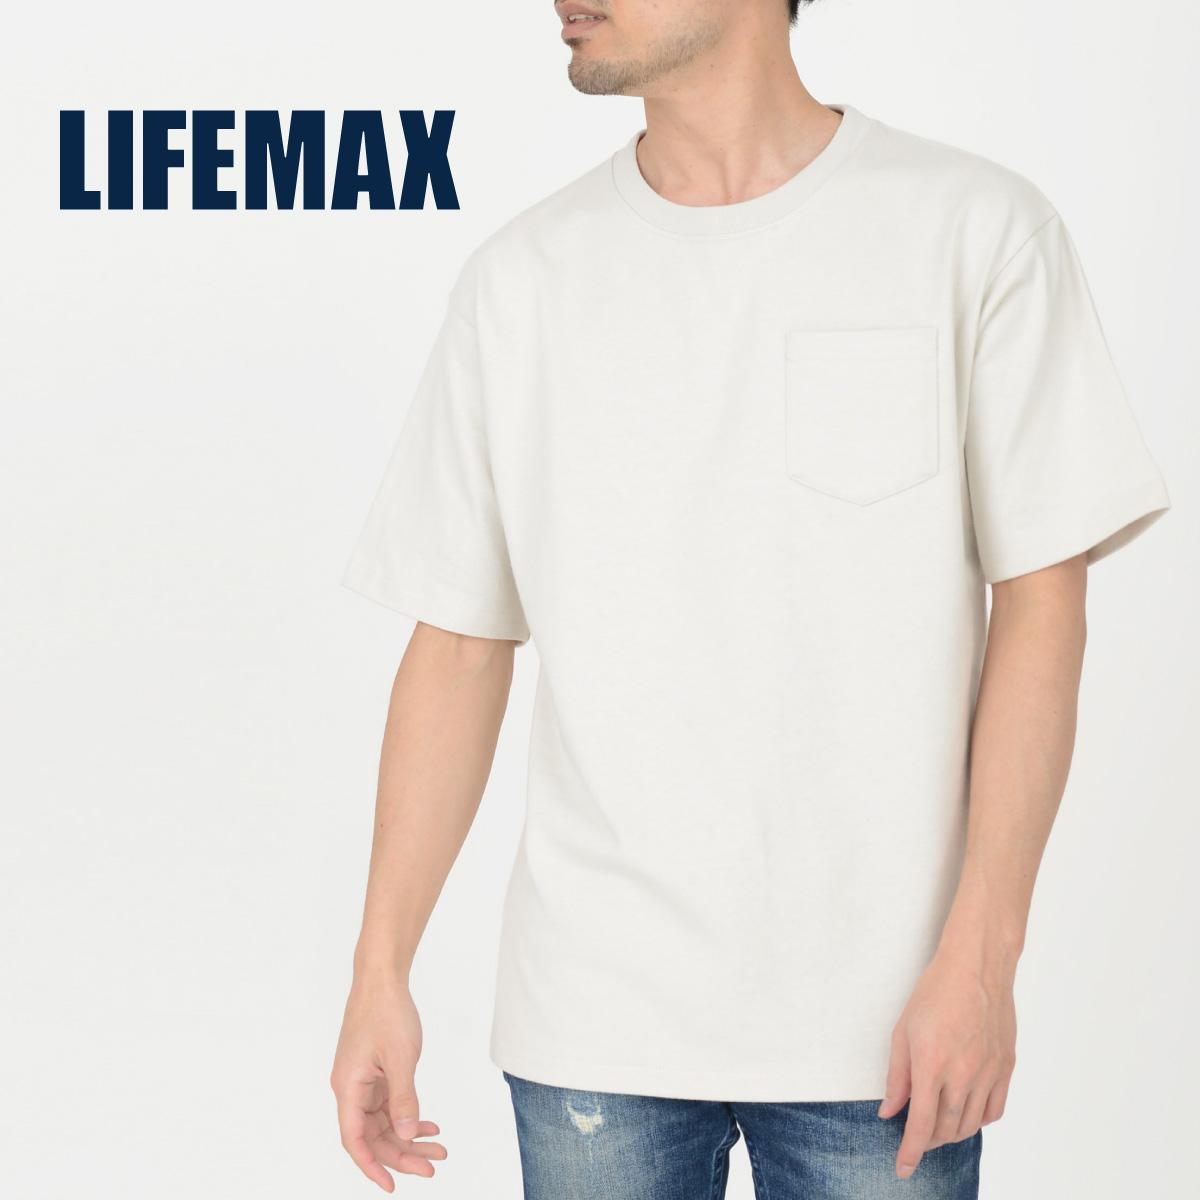 tシャツ メンズ 信憑 半袖 厚手 黒 白 紺 グレー など 無地 LIFEMAX ライフマックス S-XXXL 文化祭 ヘビーウェイト ms1157 スーパー 超激安 イベント 運動会 ポケット付き Tシャツ 10.2オンス アメカジ